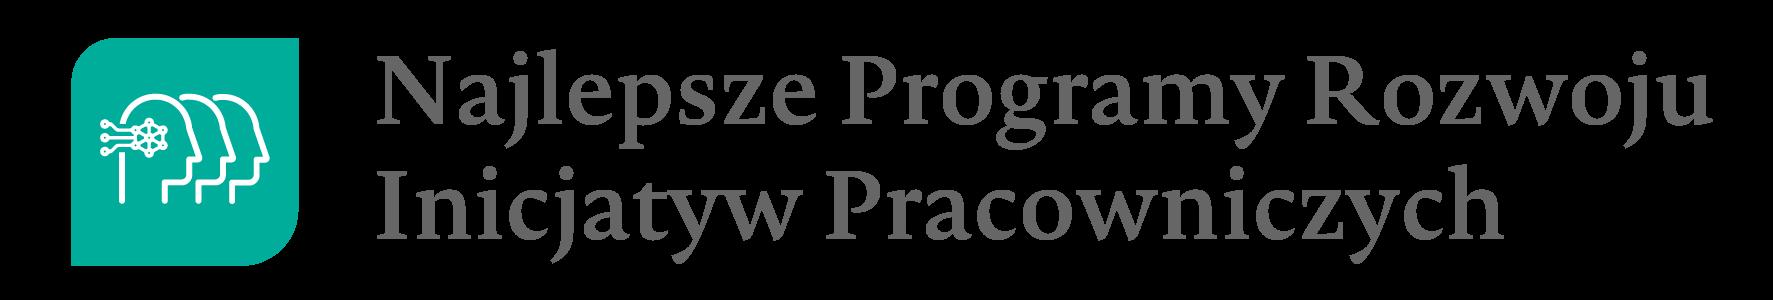 Logo Najlepsze Proramy Rozwoju Inicjatyw Pracowniczych